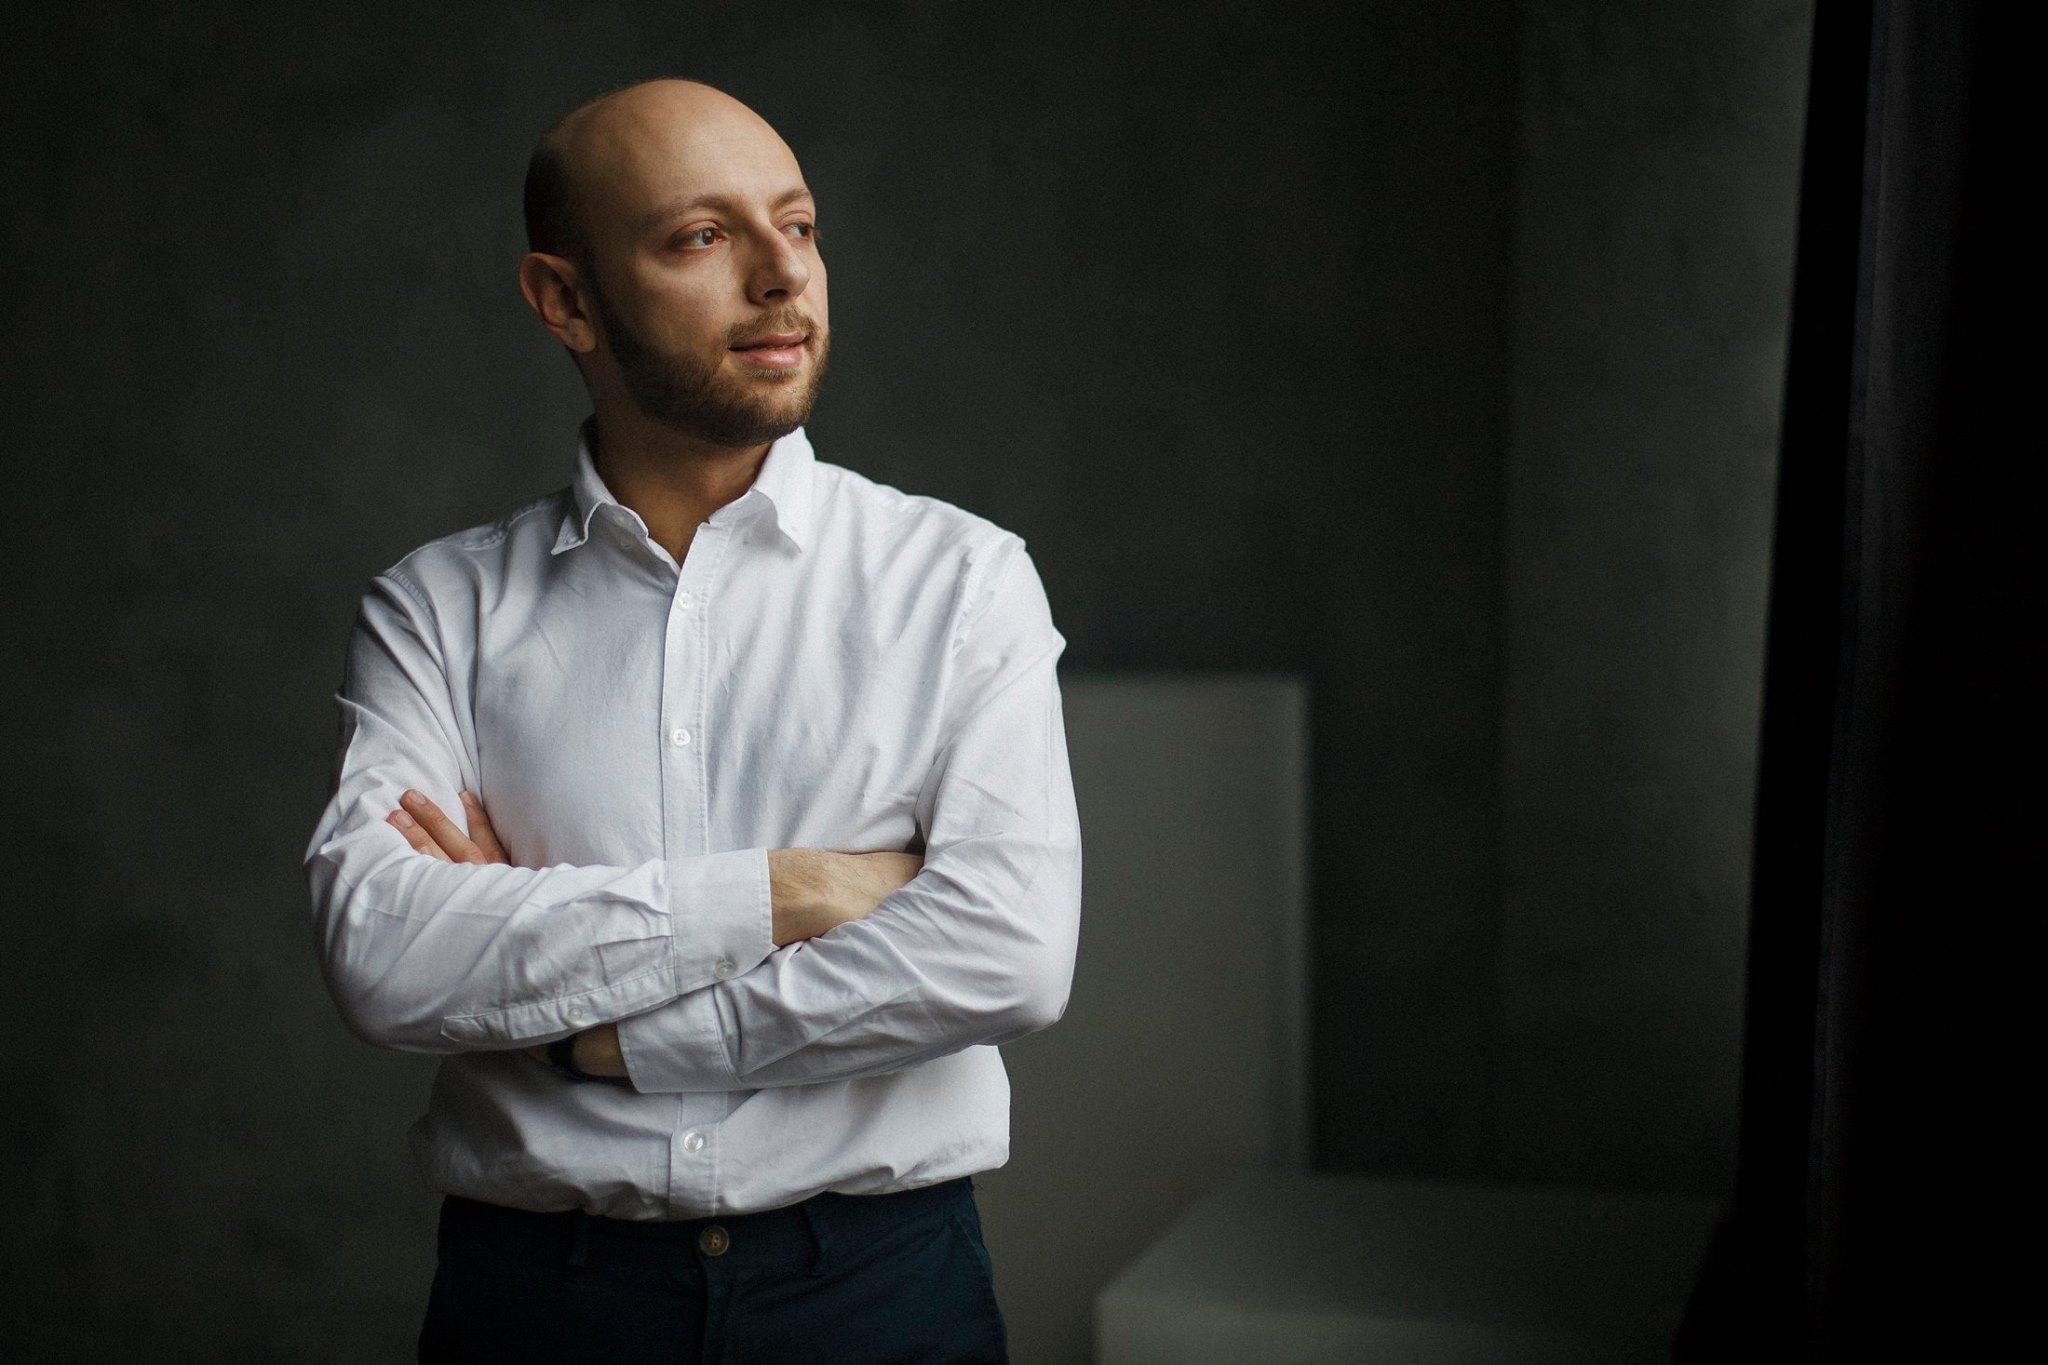 Лингвист Александр Пиперски расскажет в Новосибирске об искусственных языках